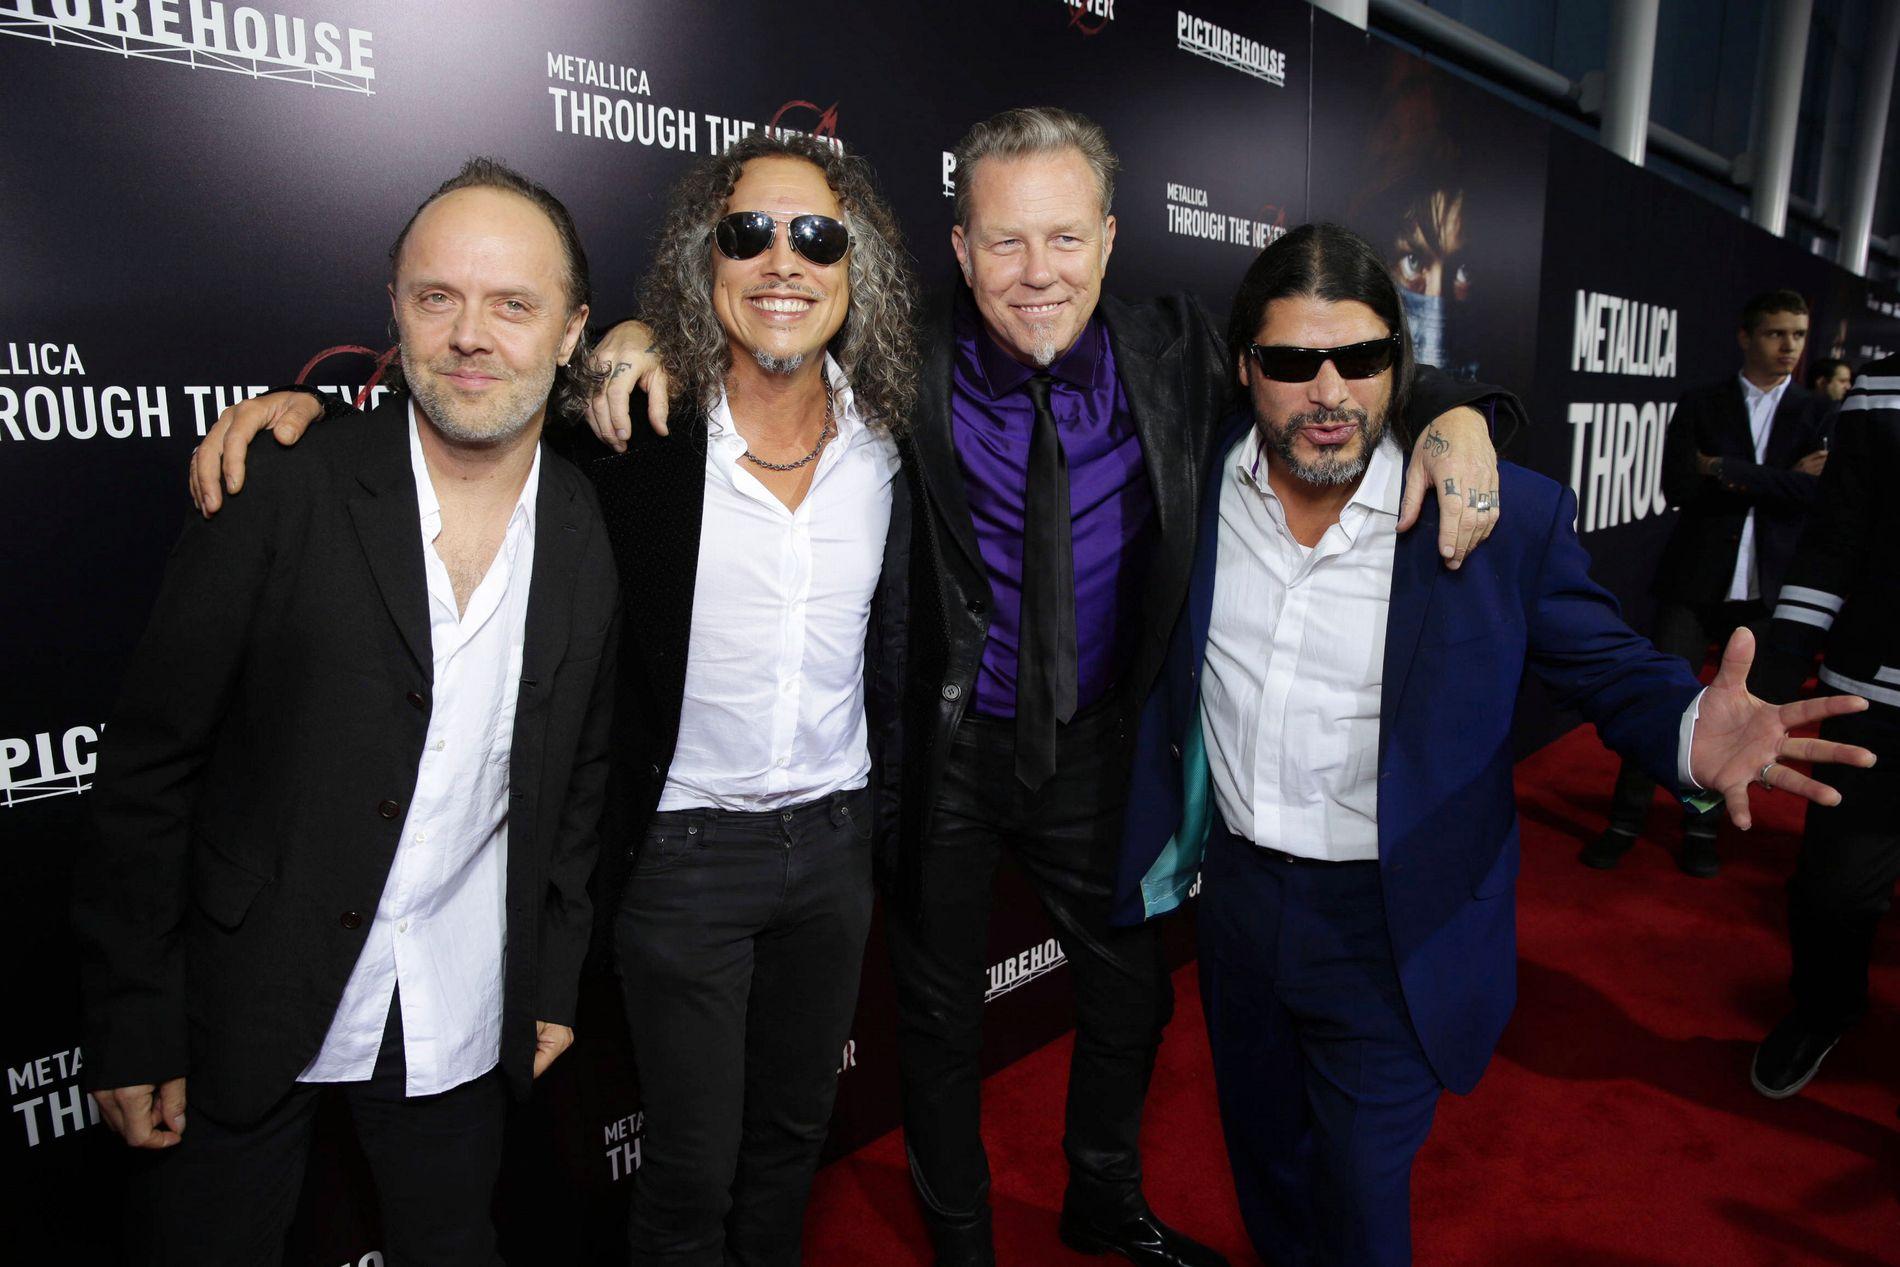 NYTT ALBUM: Åtte år etter «Death Magnetic» er Metallica igjen klare med nytt album. Her er Lars Ulrich, Kirk Hammett,  James Hetfield og Robert Trujillo på filmpremiere i 2013.